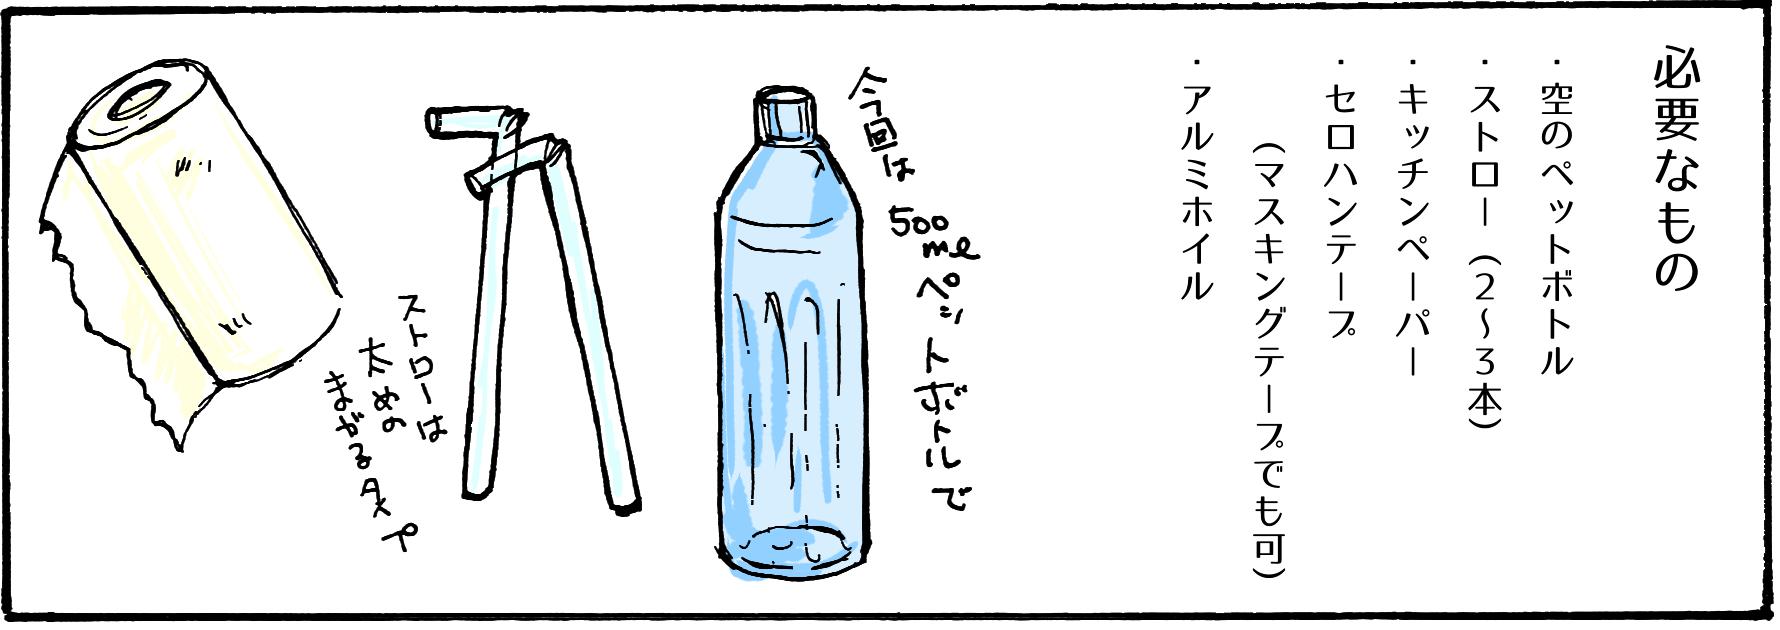 kyusuiki01